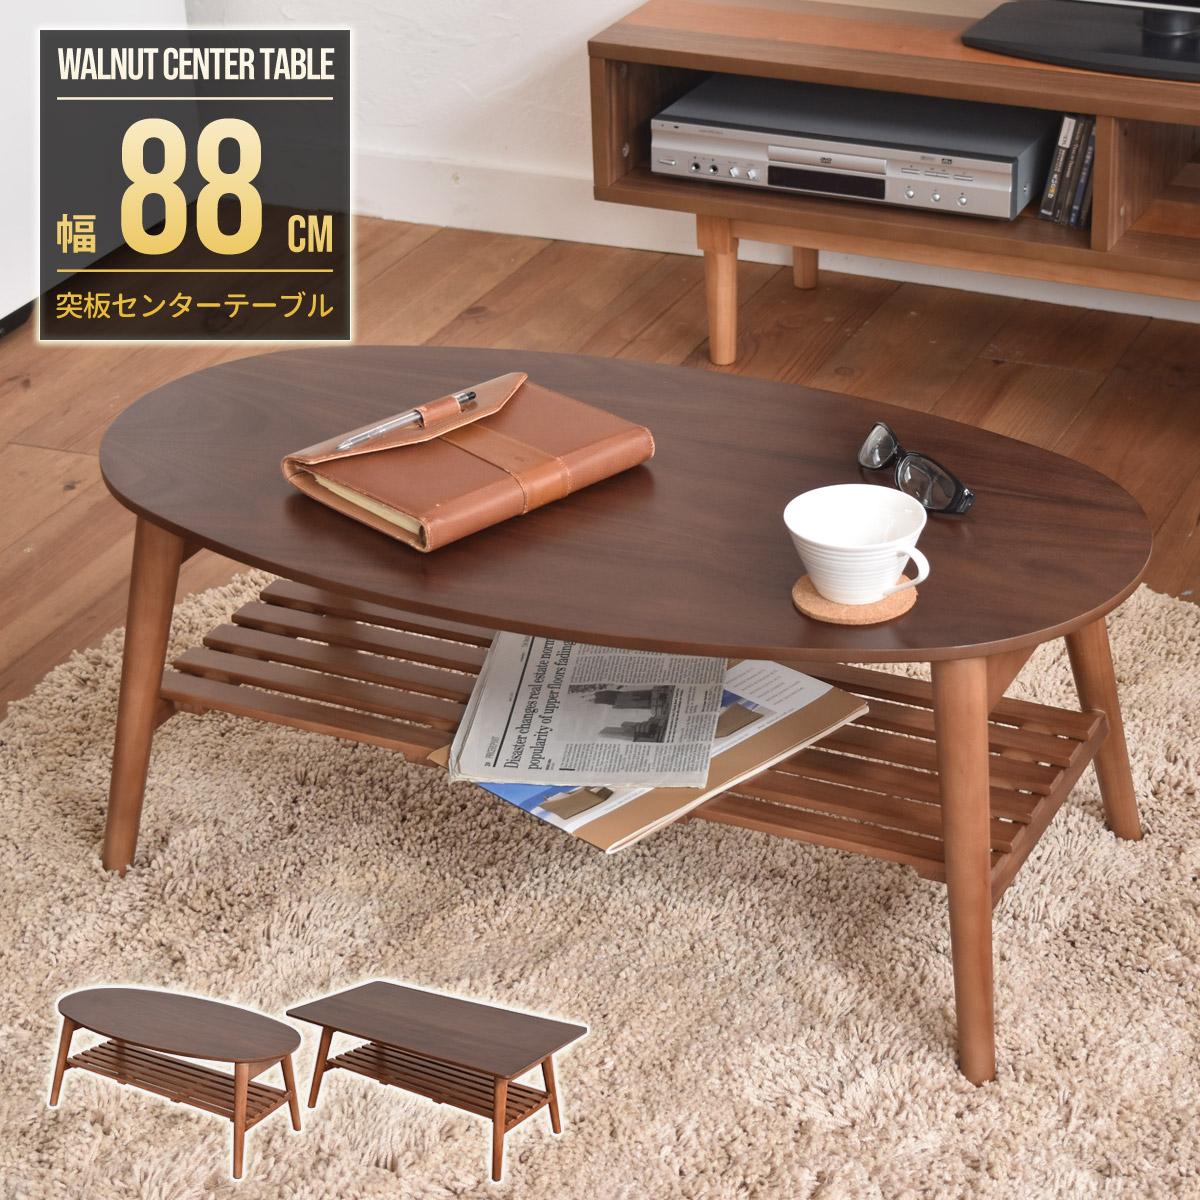 ウォールナットテーブル 折りたたみテーブル ローテーブル センターテーブル シンプル ウォールナット オーバル 楕円 スクエア 長方形 リビングテーブル 折りたたみ テーブル